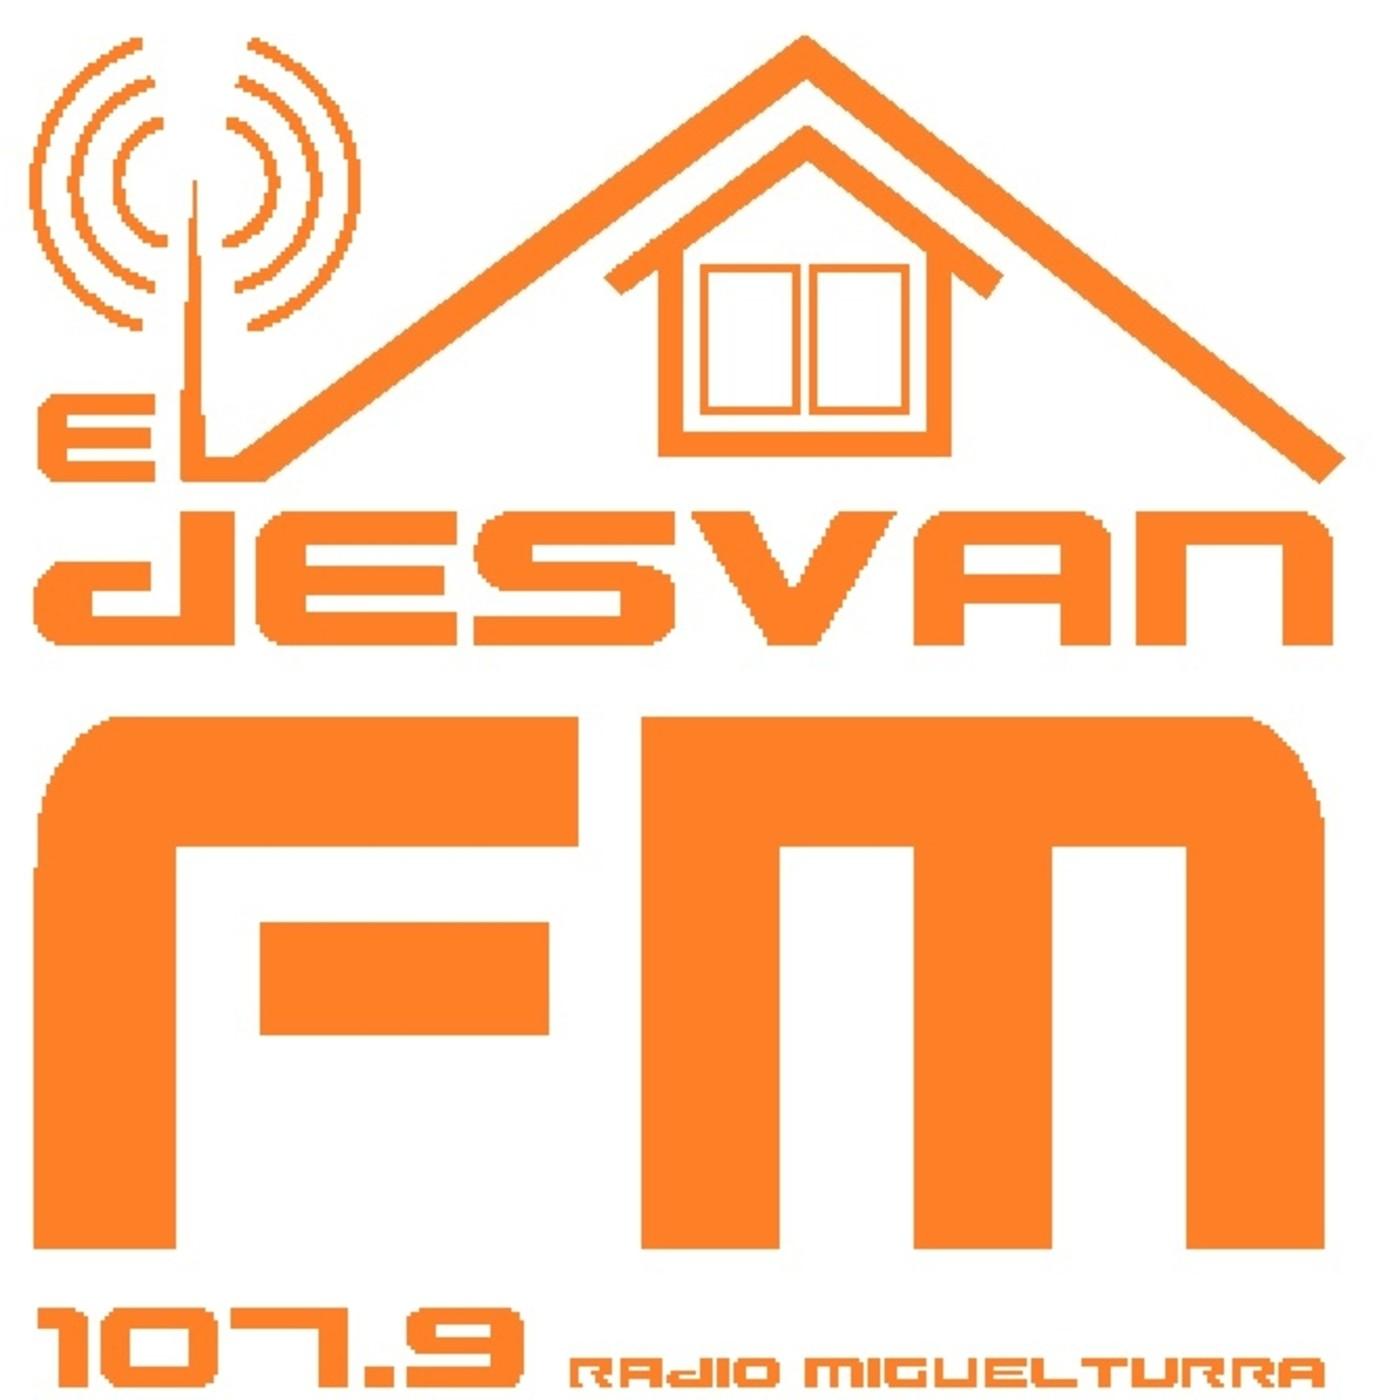 El Desvan nº 68 - POP ROCK AÑOS 80, MUSICA ESPAÑOLA. 2-12-2011 - Temporada 3.